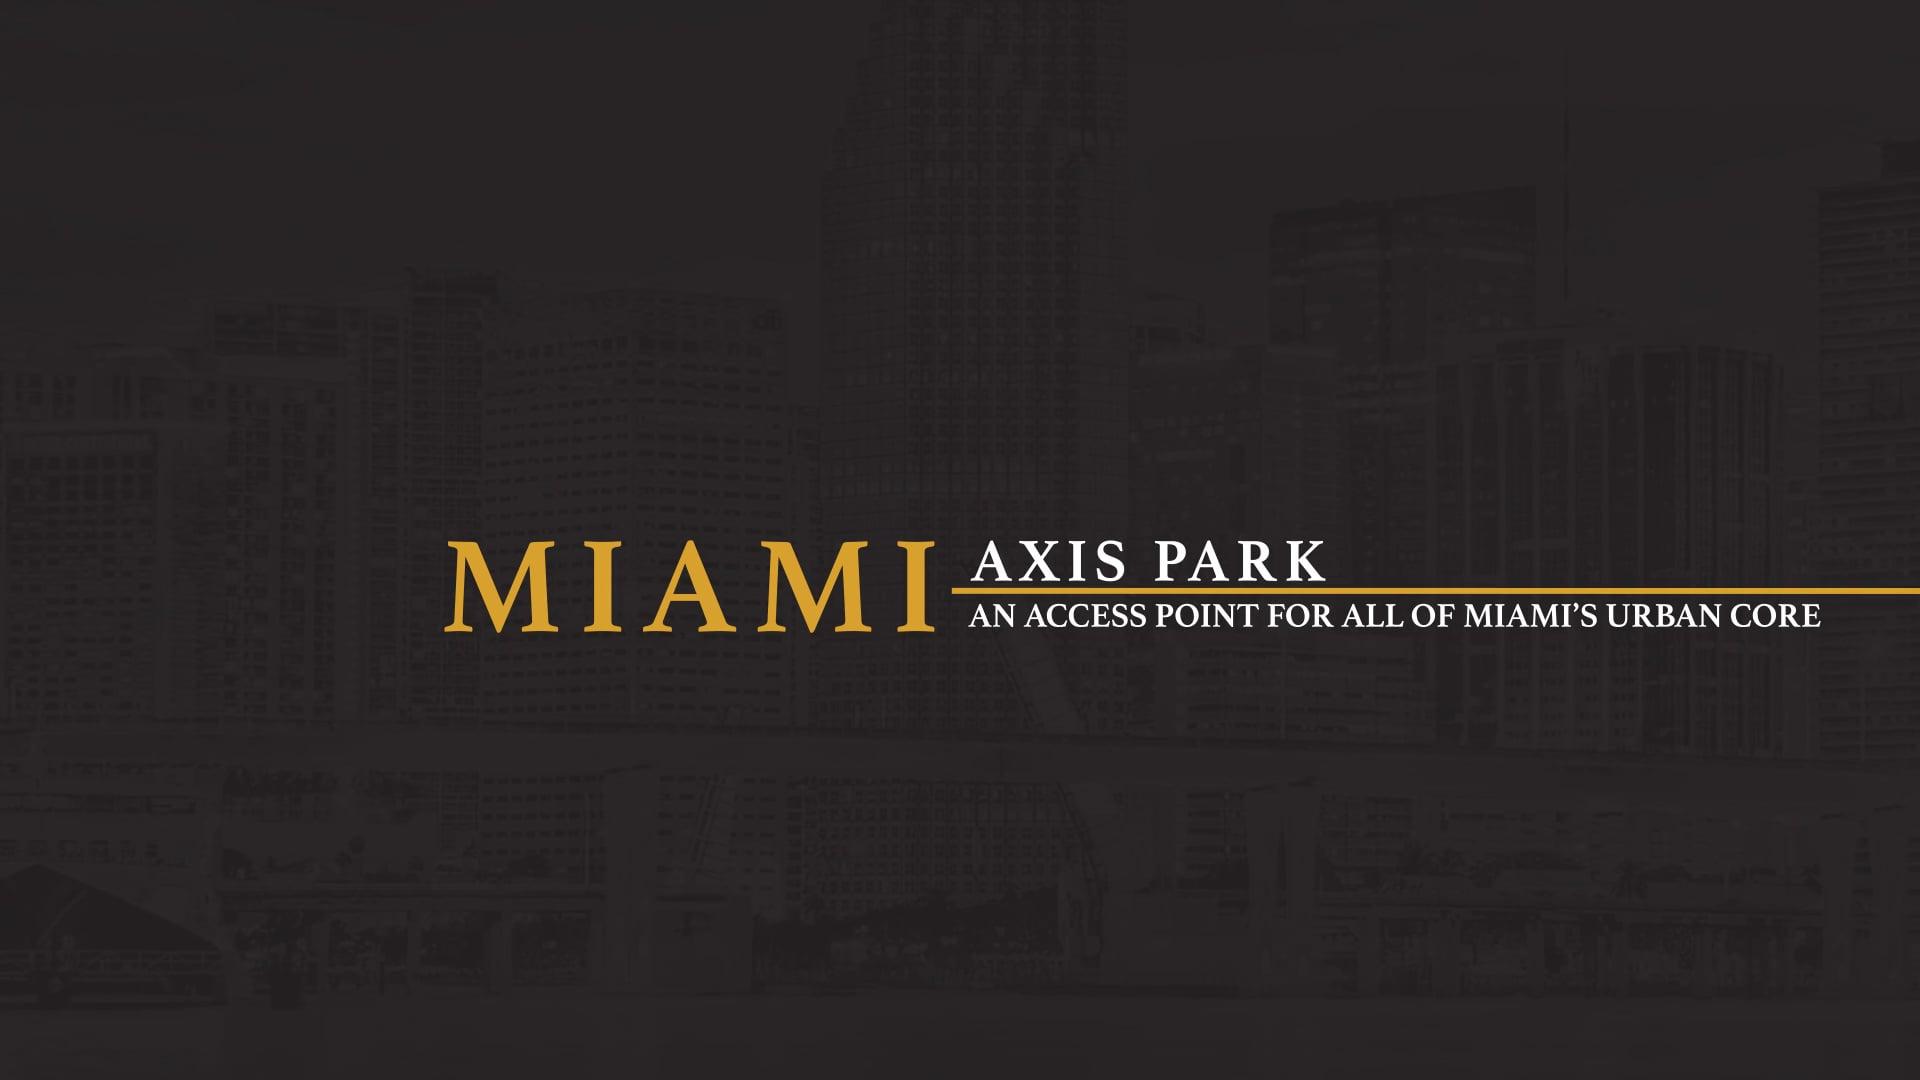 TM - Miami Axis Park